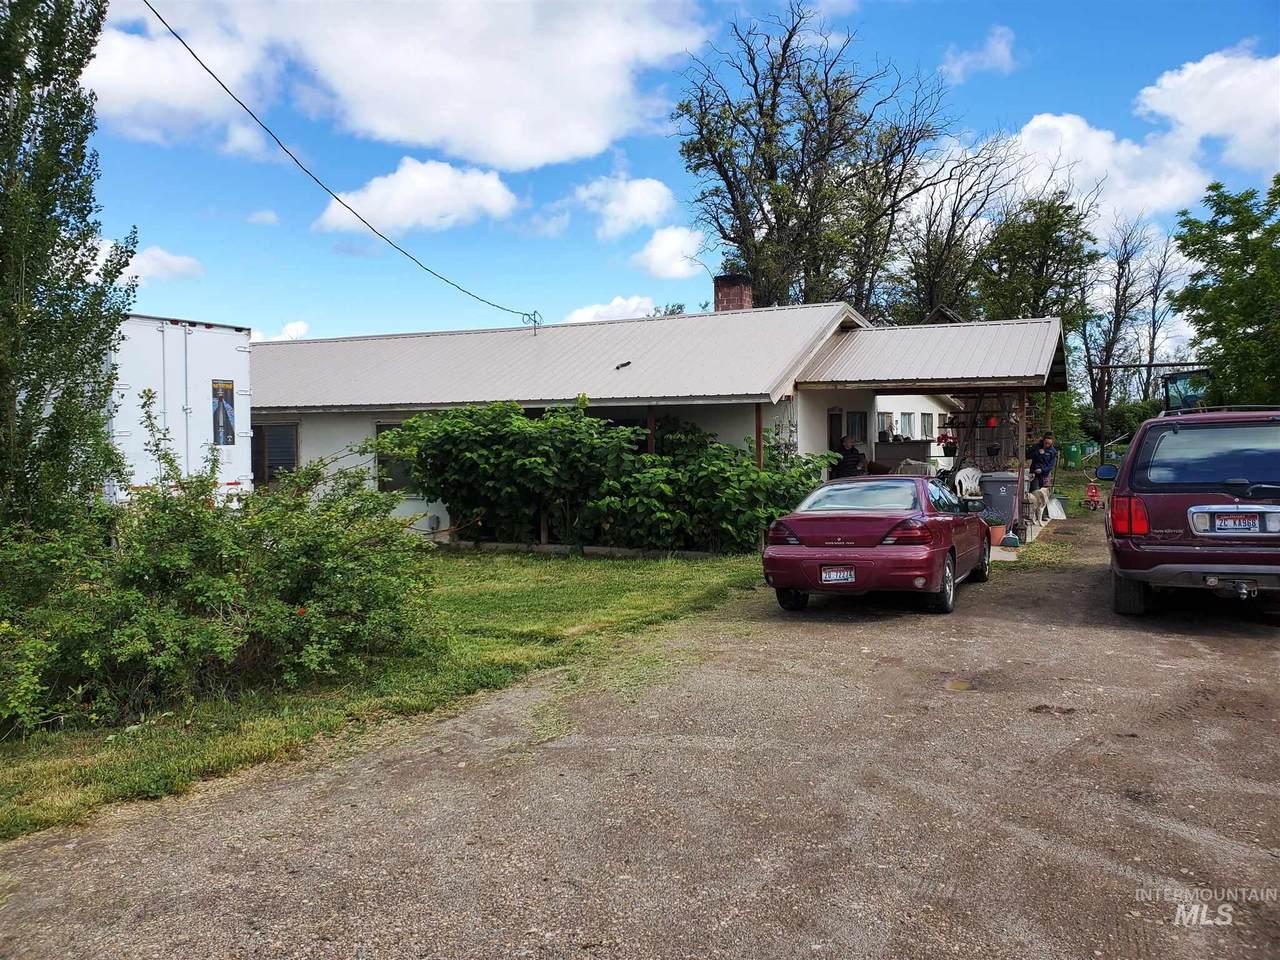 7406 Bowmont Rd - Photo 1